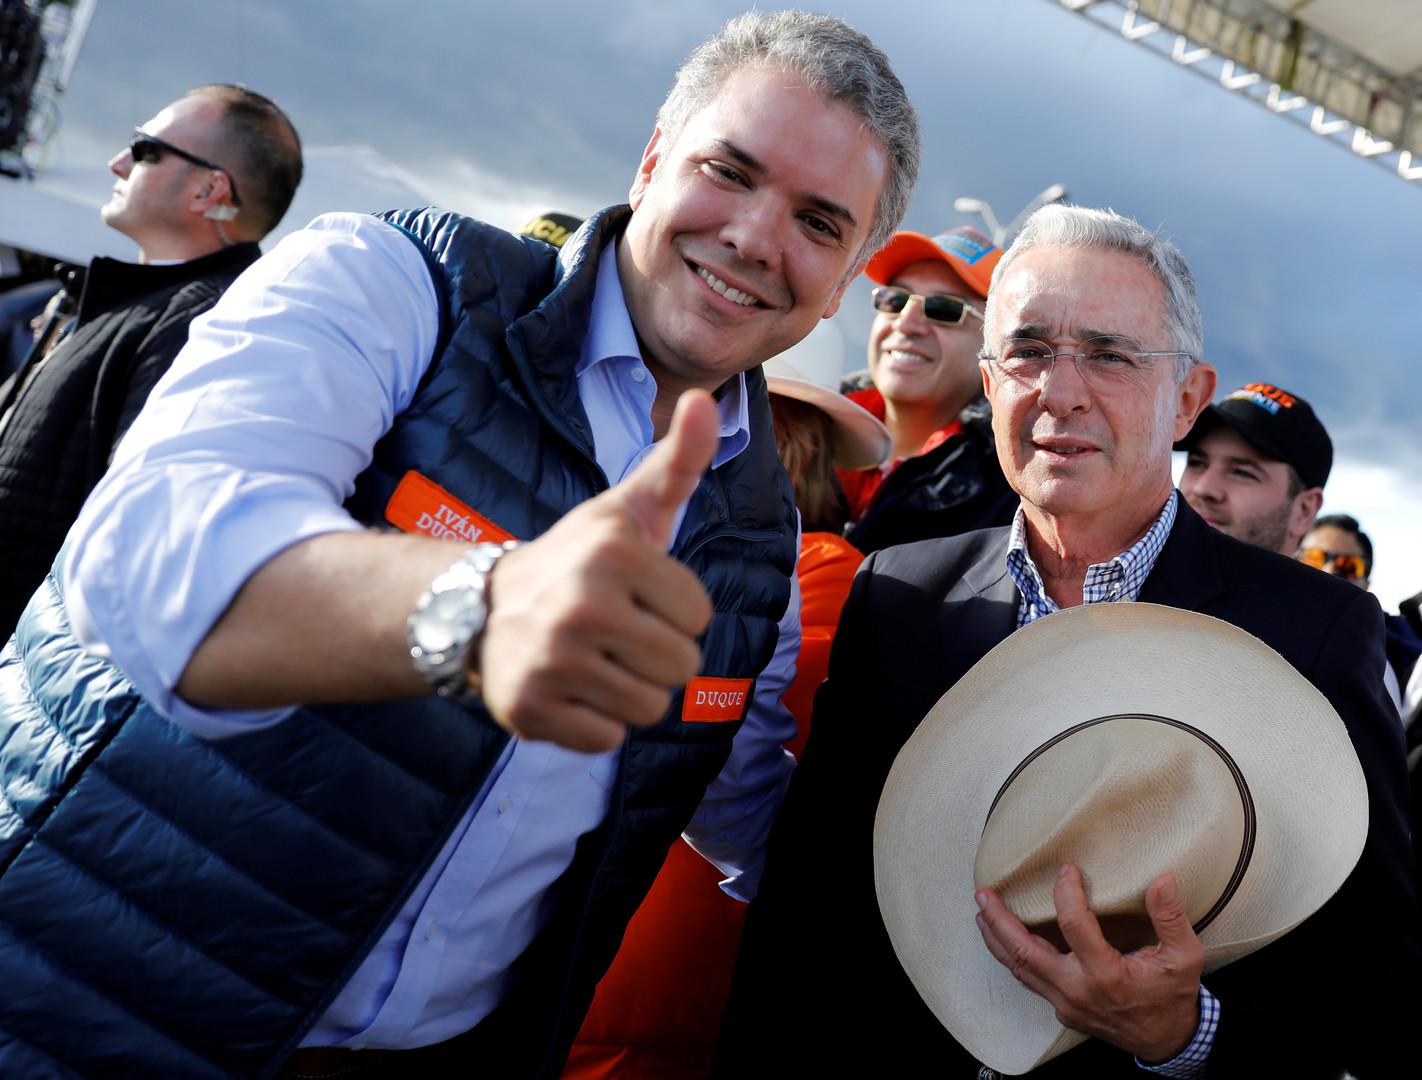 Kolumbien vor Präsidentschaftswahl: Sorge um Wahlbetrug und ein Ende des Friedensprozesses